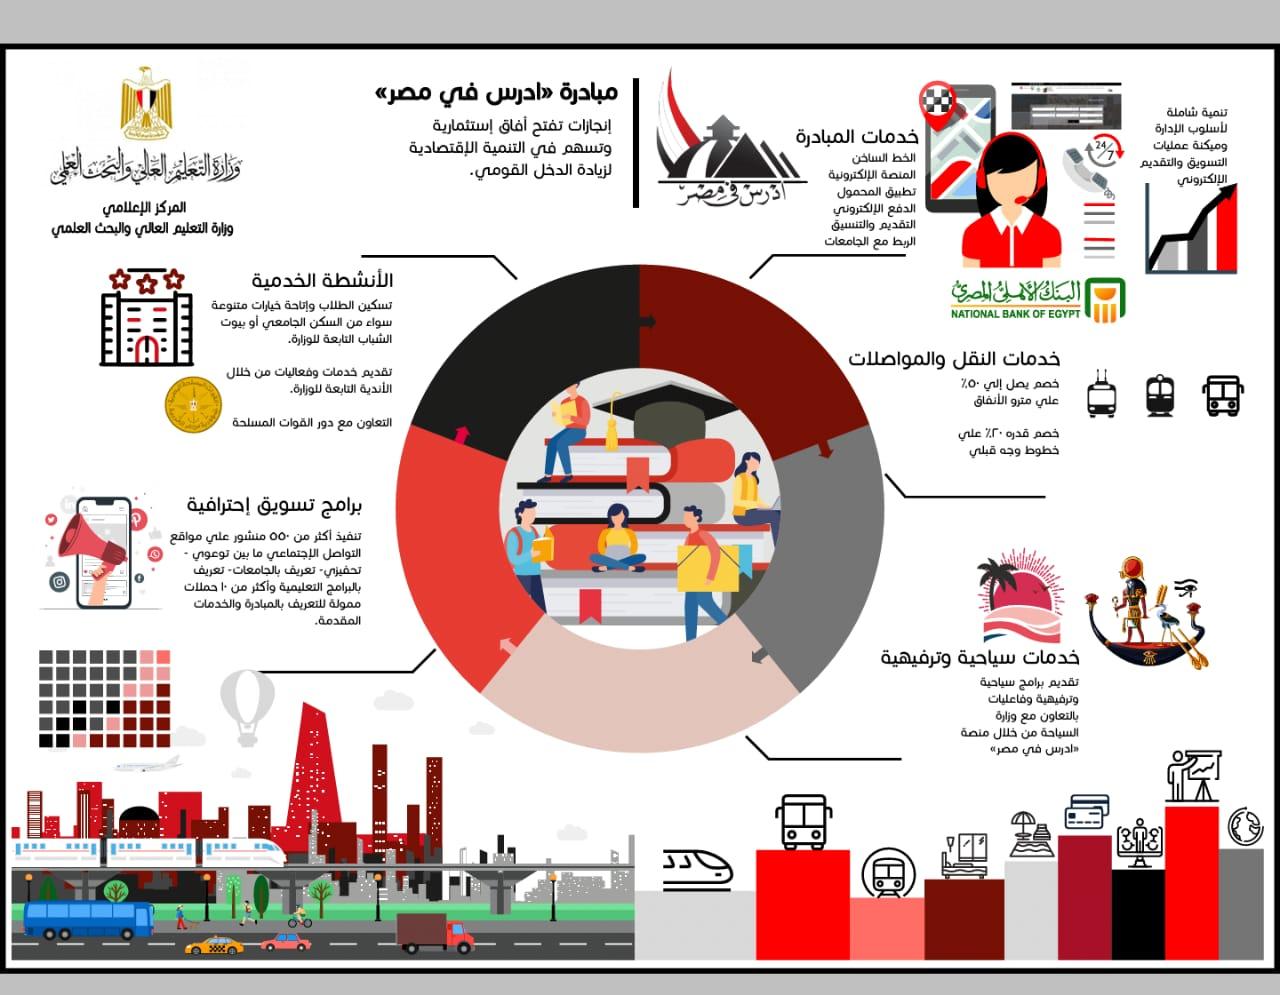 التعليم العالي: تطوير شامل لمنظومة الخدمات المقدمة للطلاب الوافدين بالجامعات المصرية